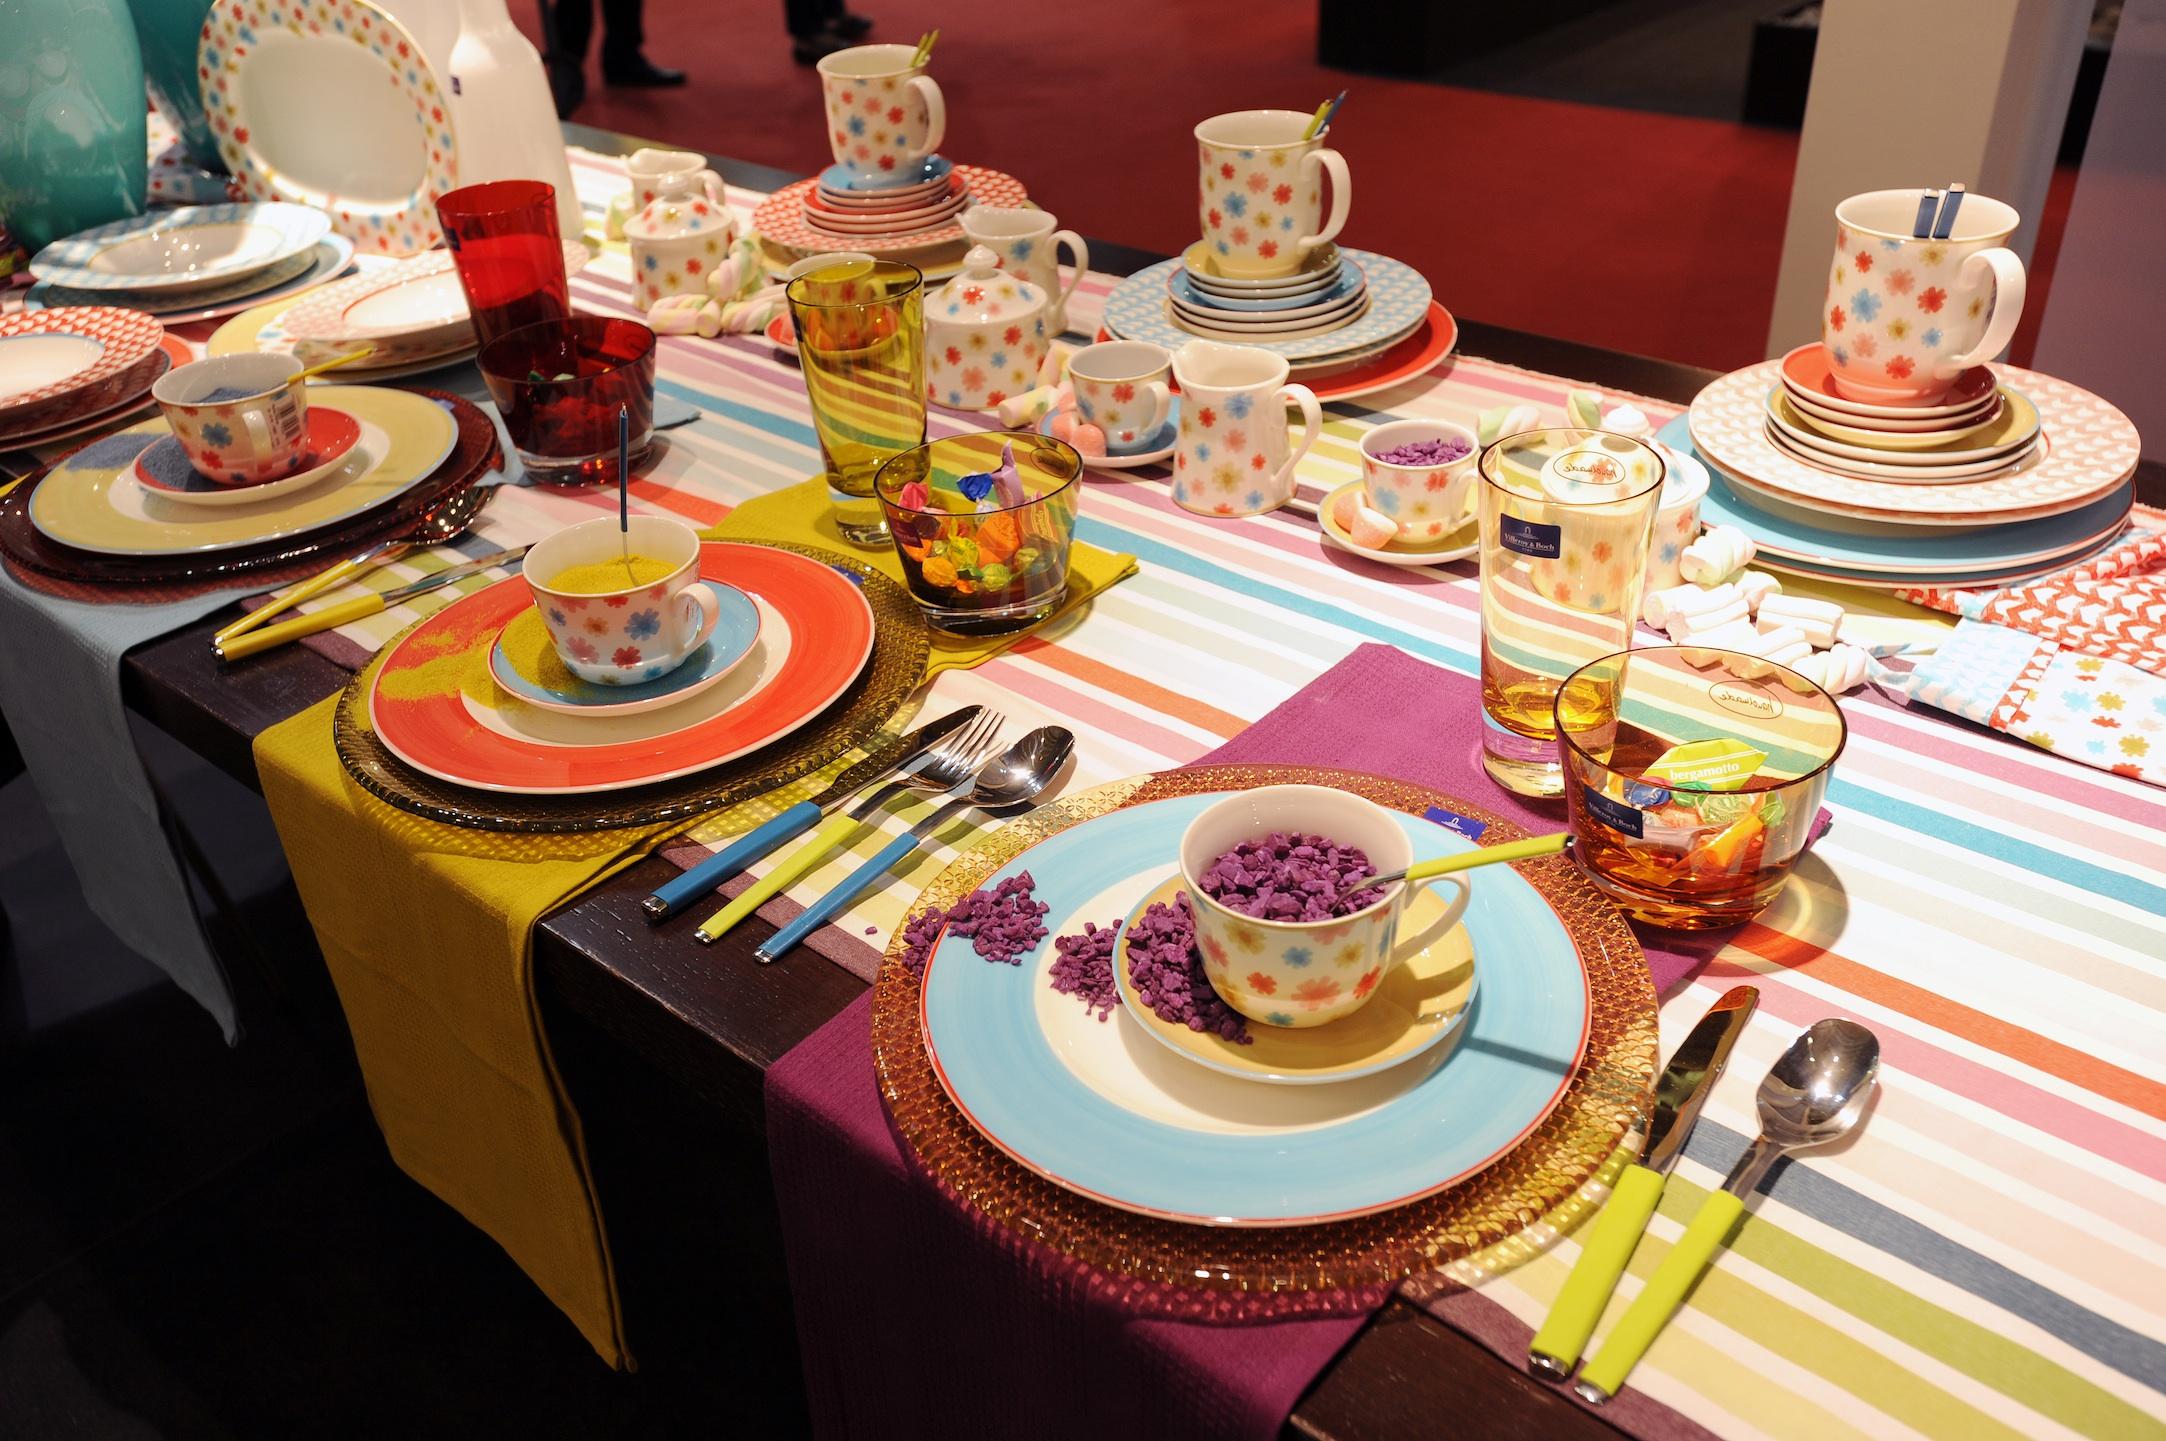 Il piacere della tavola a milano un miliardo e mezzo all 39 anno - Tavole apparecchiate moderne ...